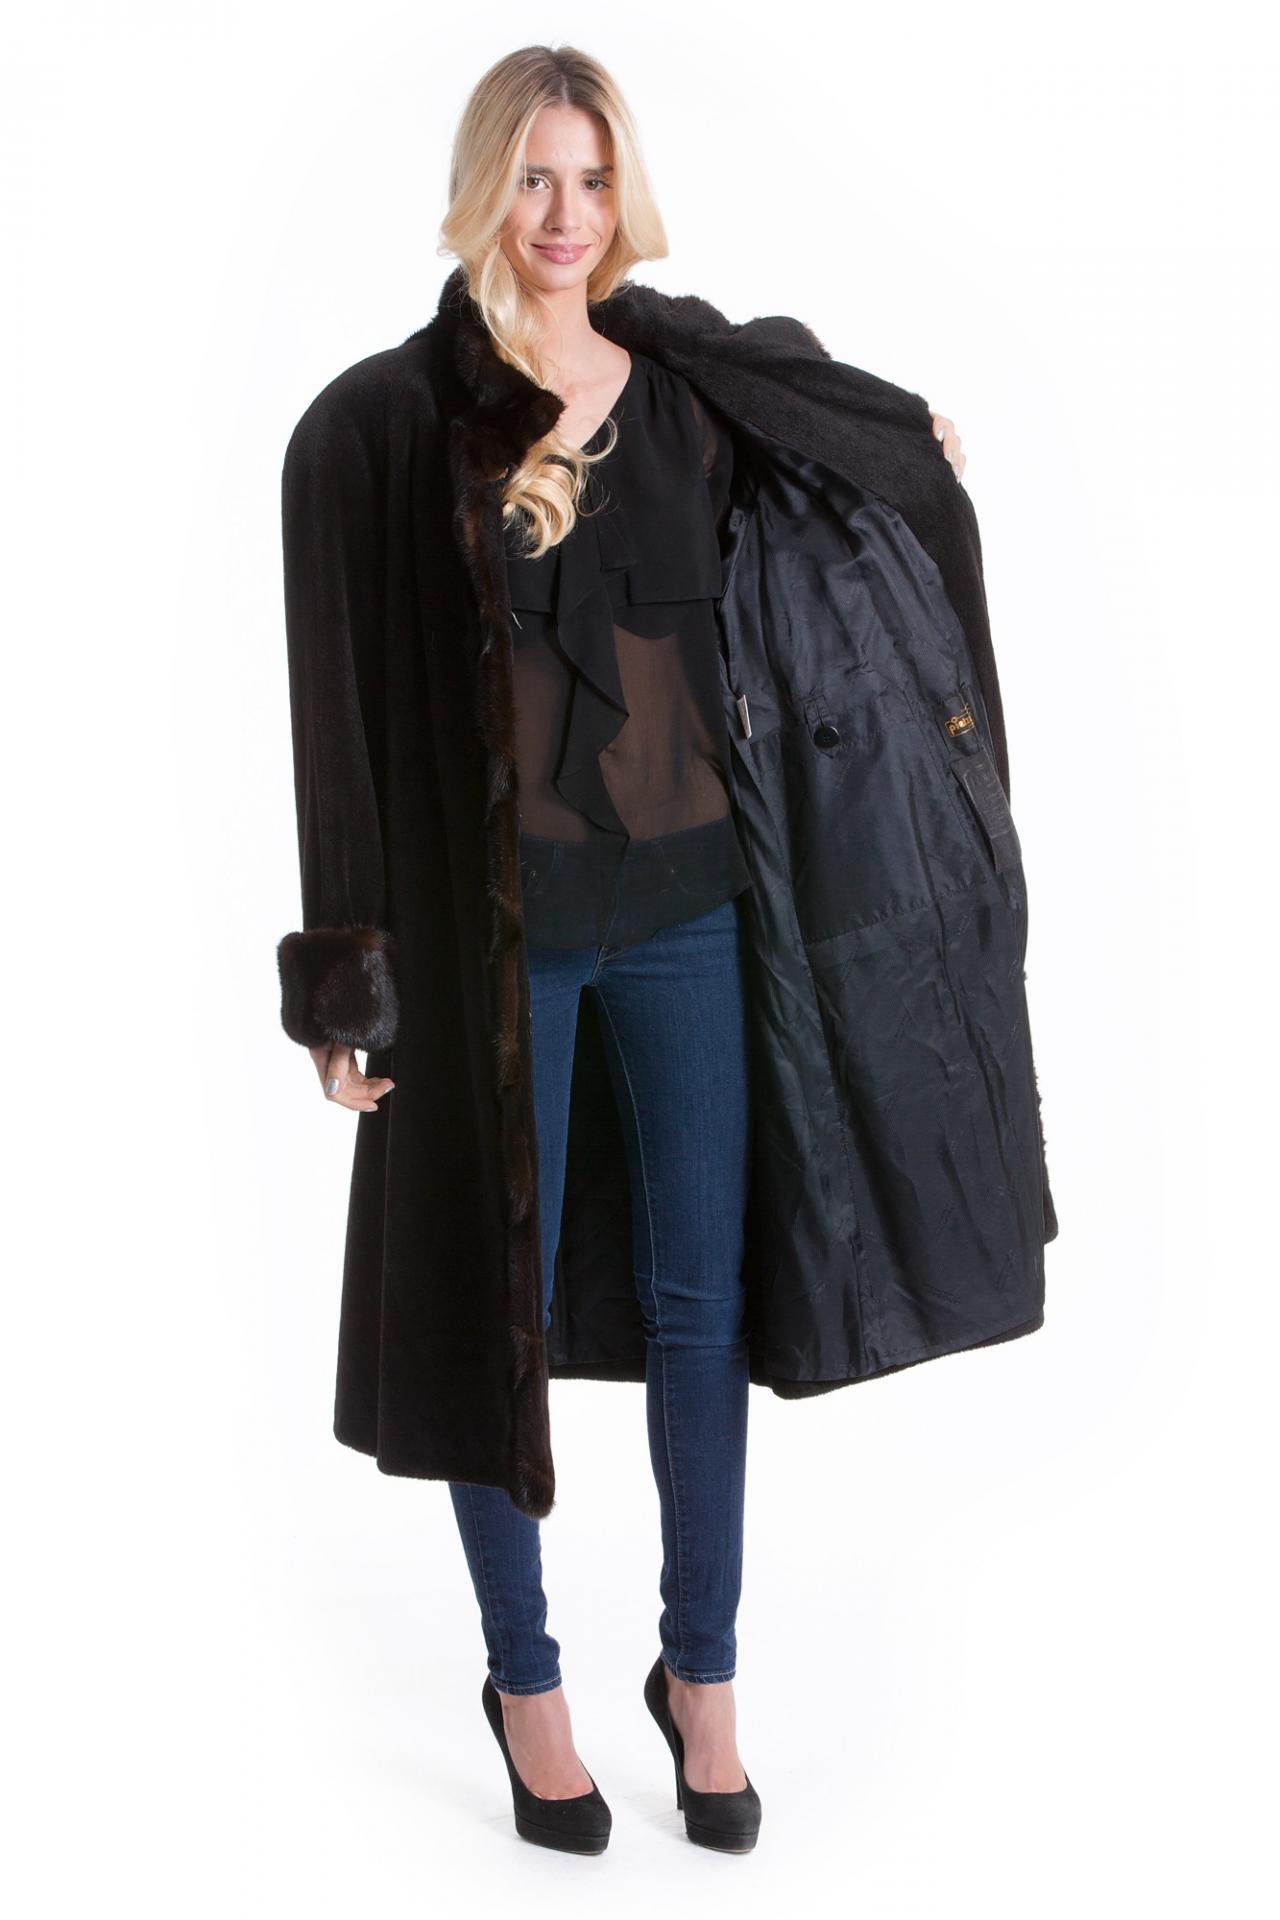 بالصور ملابس حريمى شتوى , اجمل واروع الملابس الشتوية للنساء 3200 12